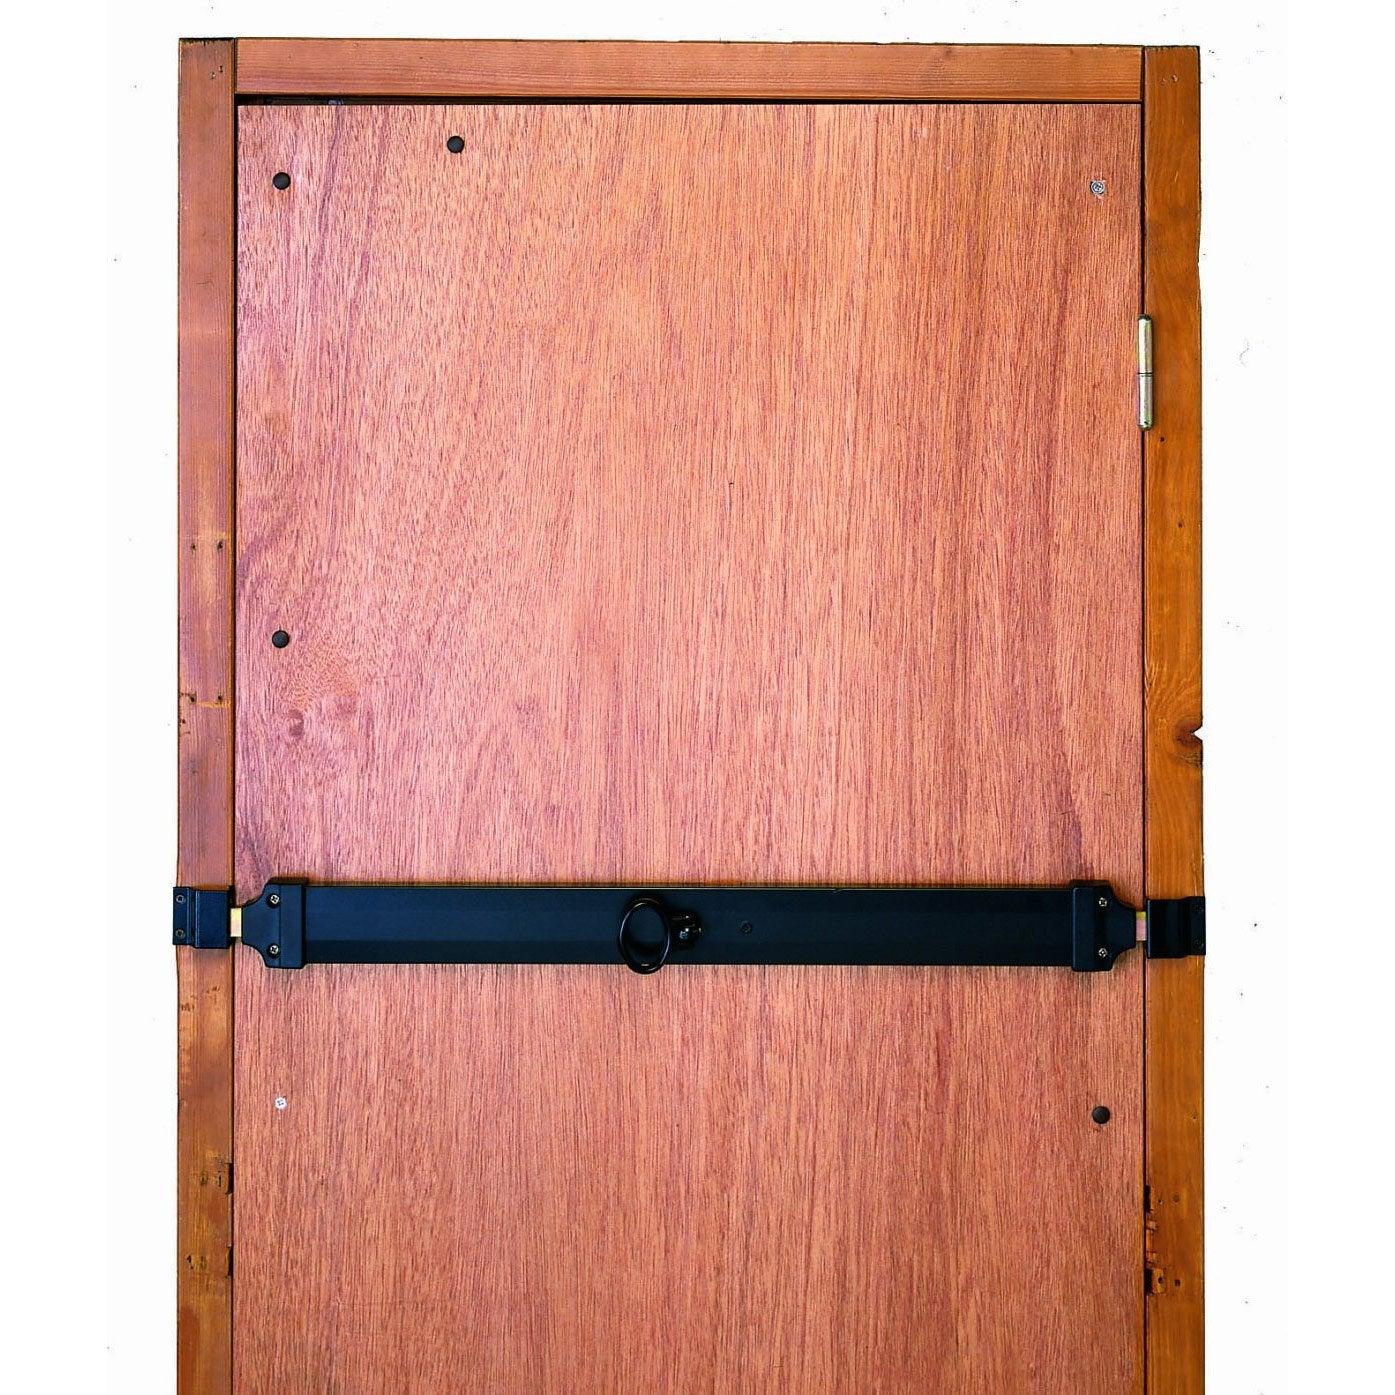 Barre de s curit noire pour porte de service 73 cm for Porte de service pvc 73 cm